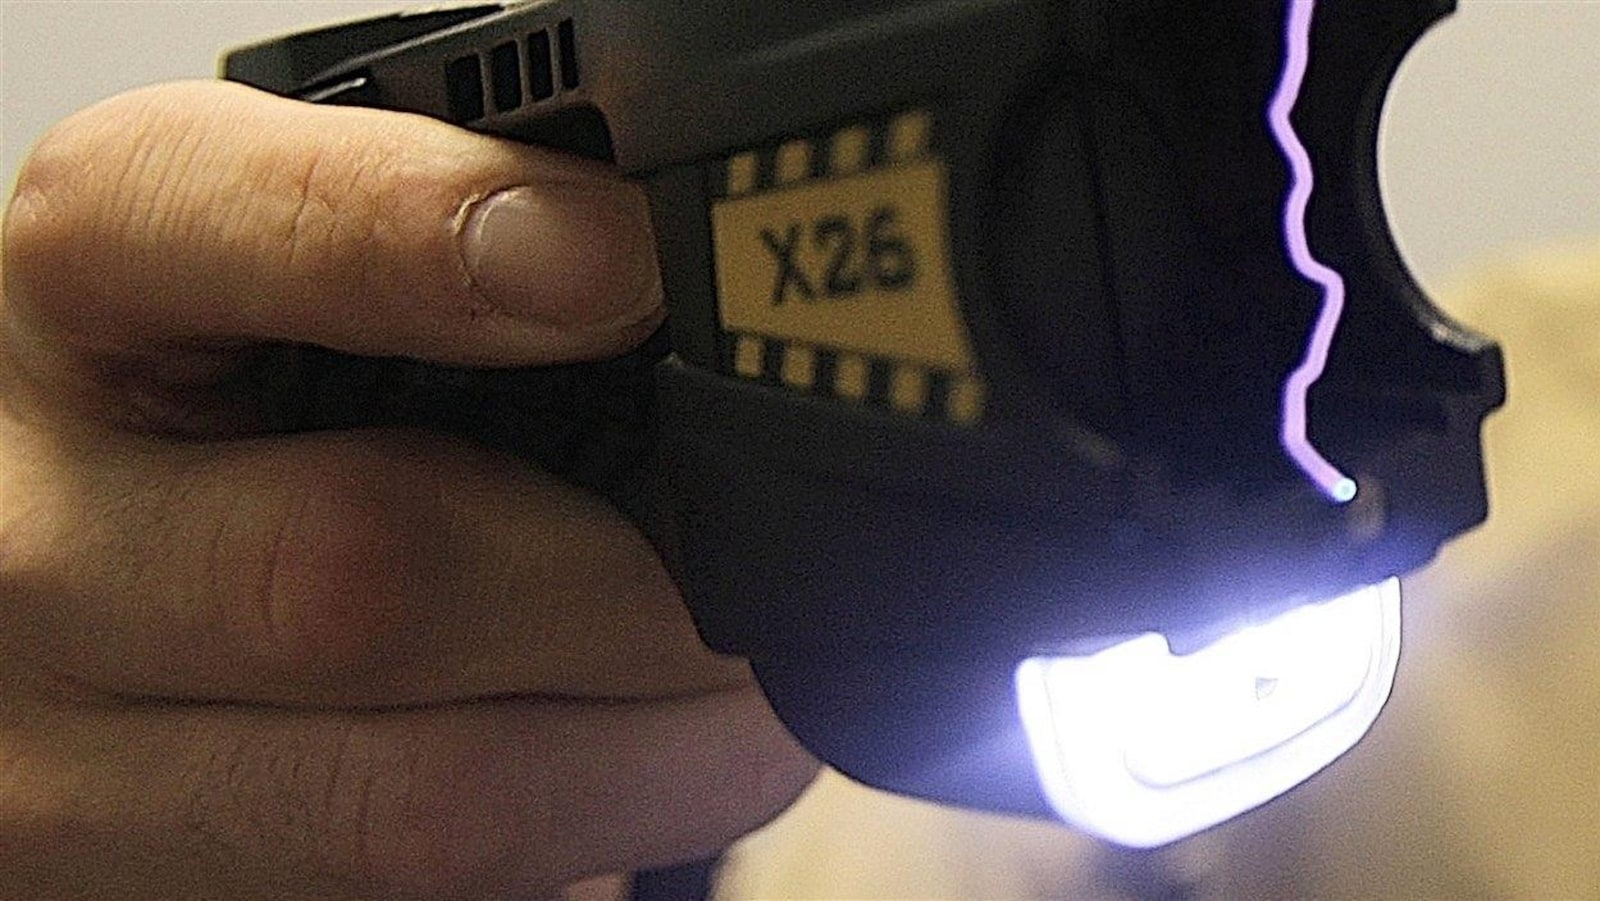 Un pistolet de type Taser